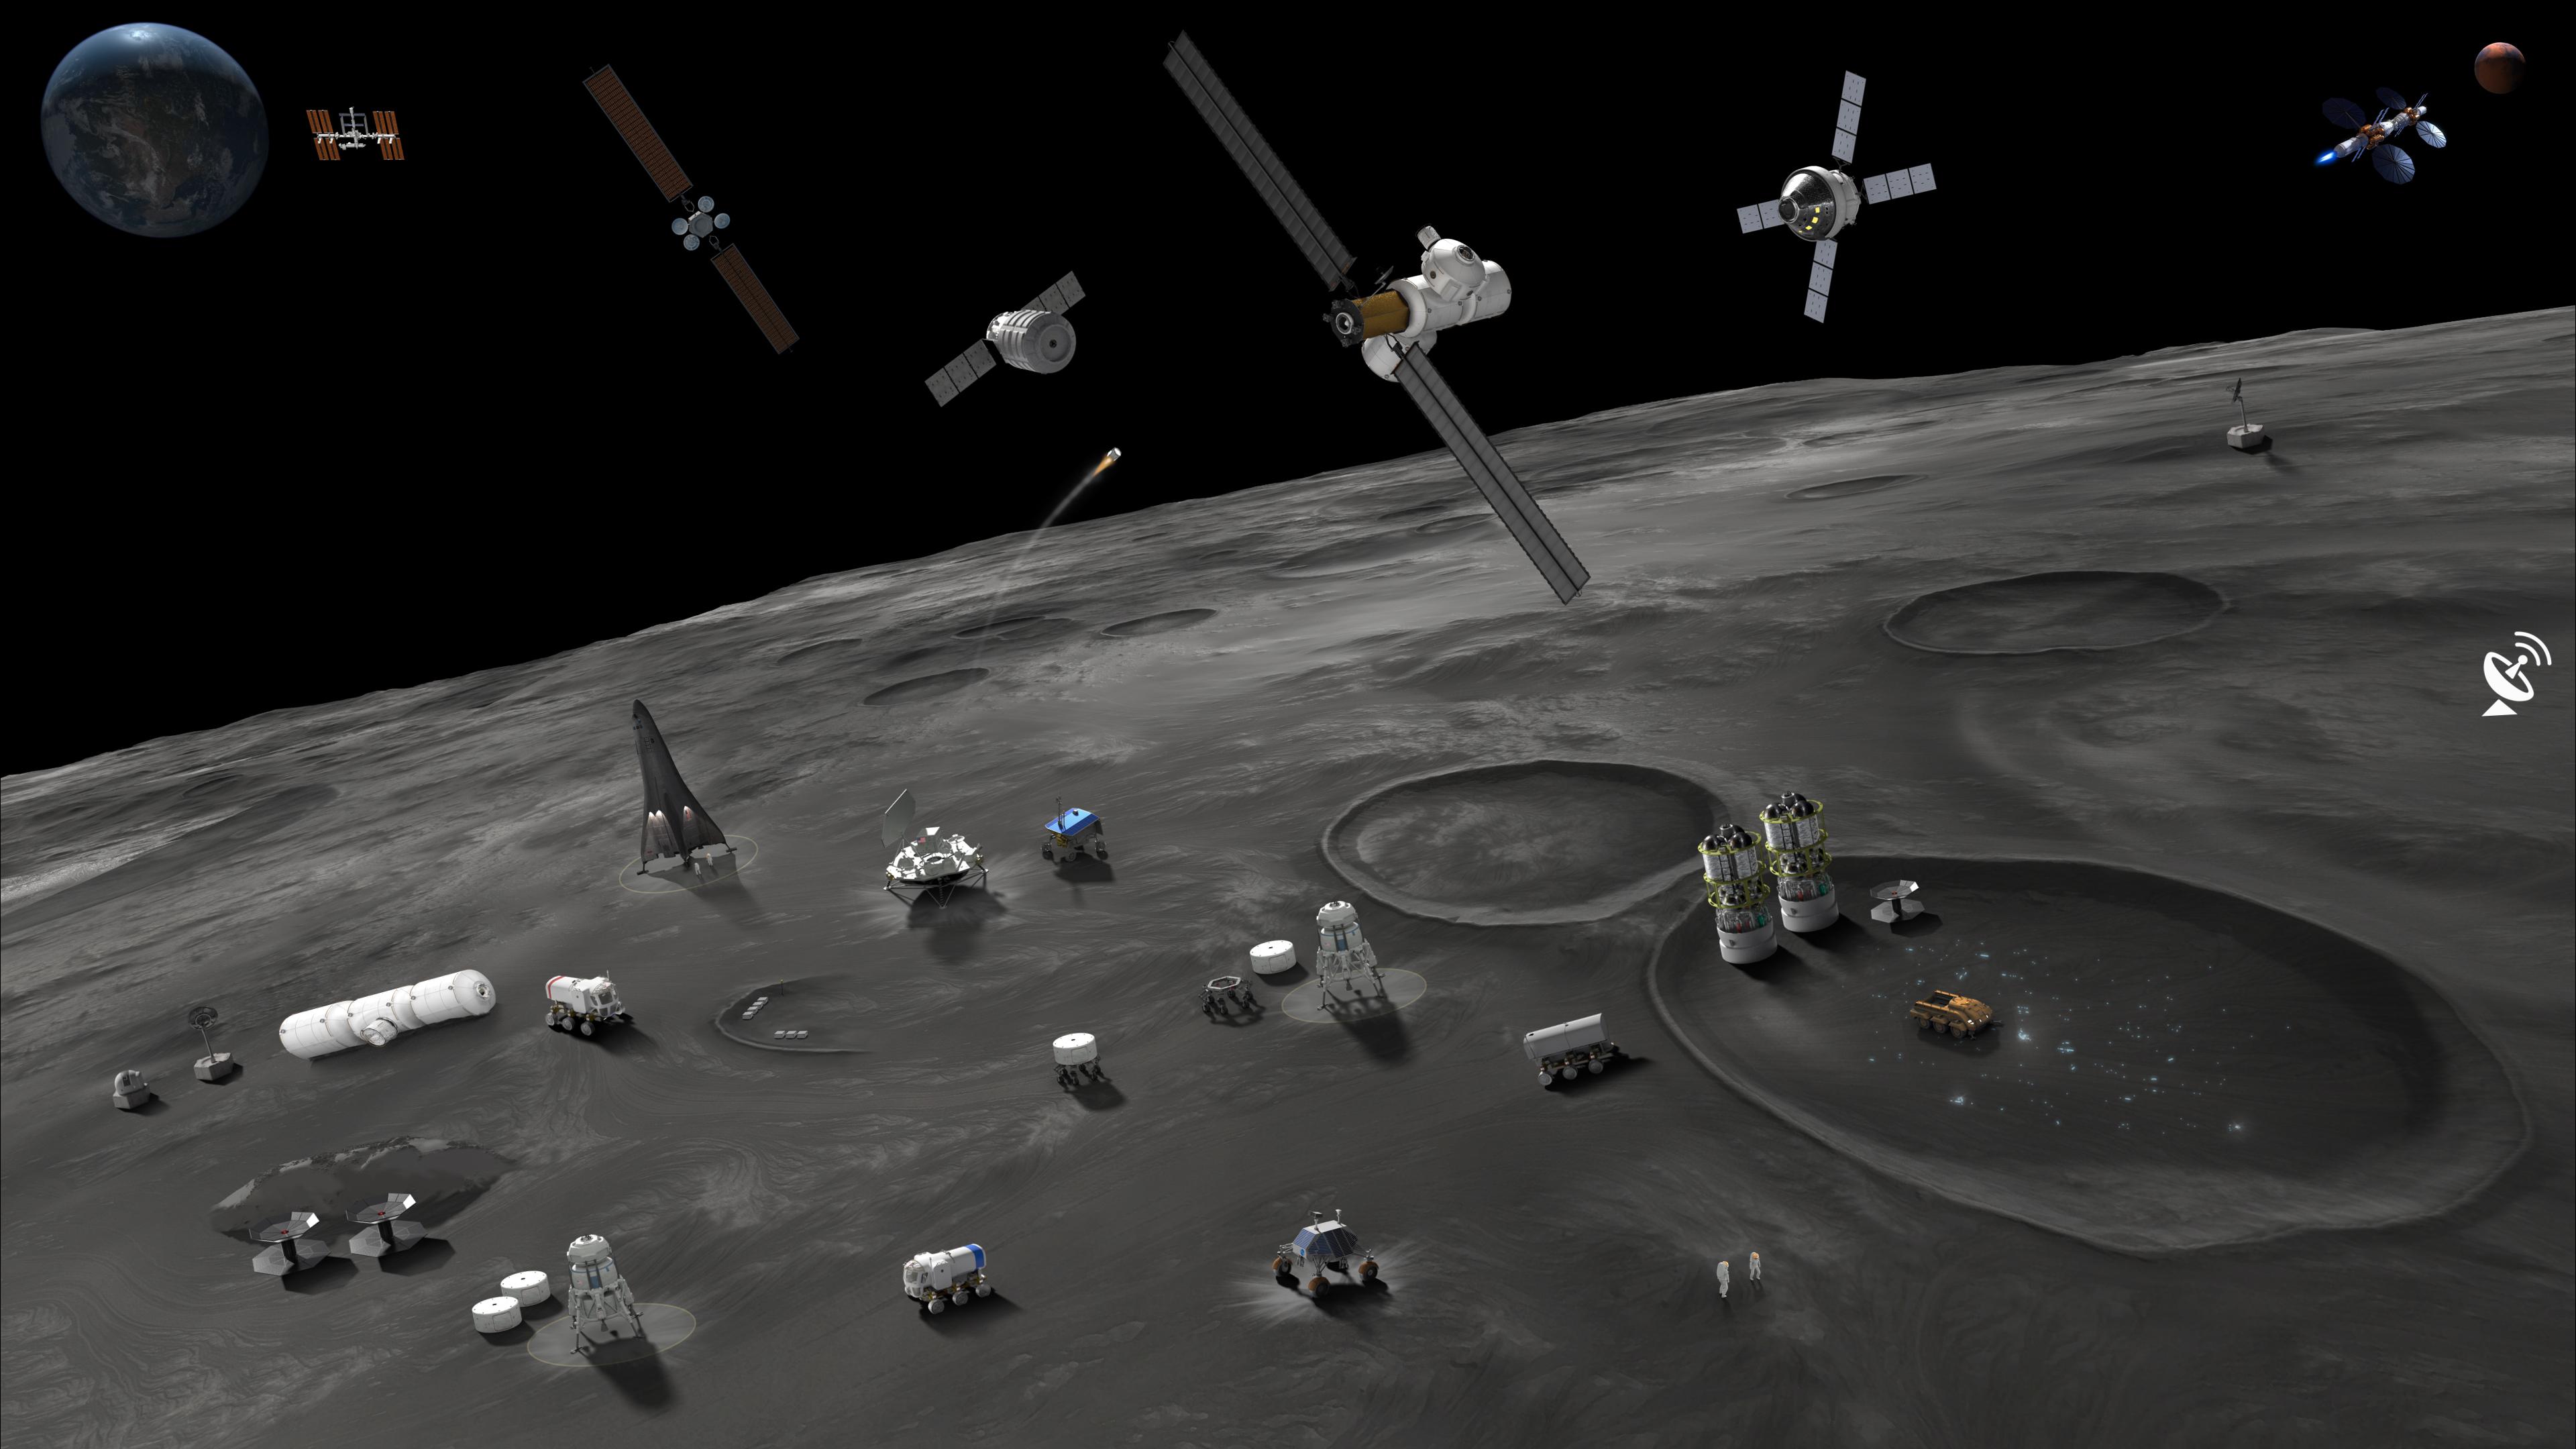 Lunar Activities